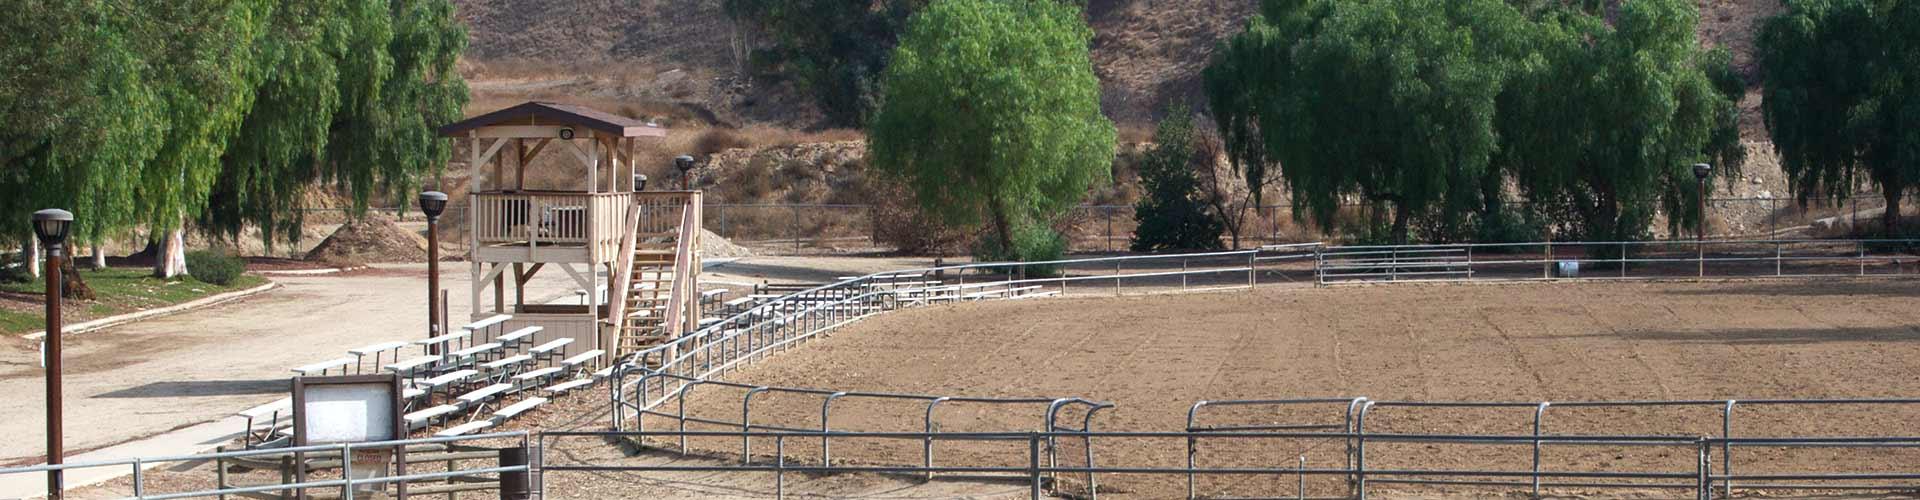 Arroyo Equestrian Header